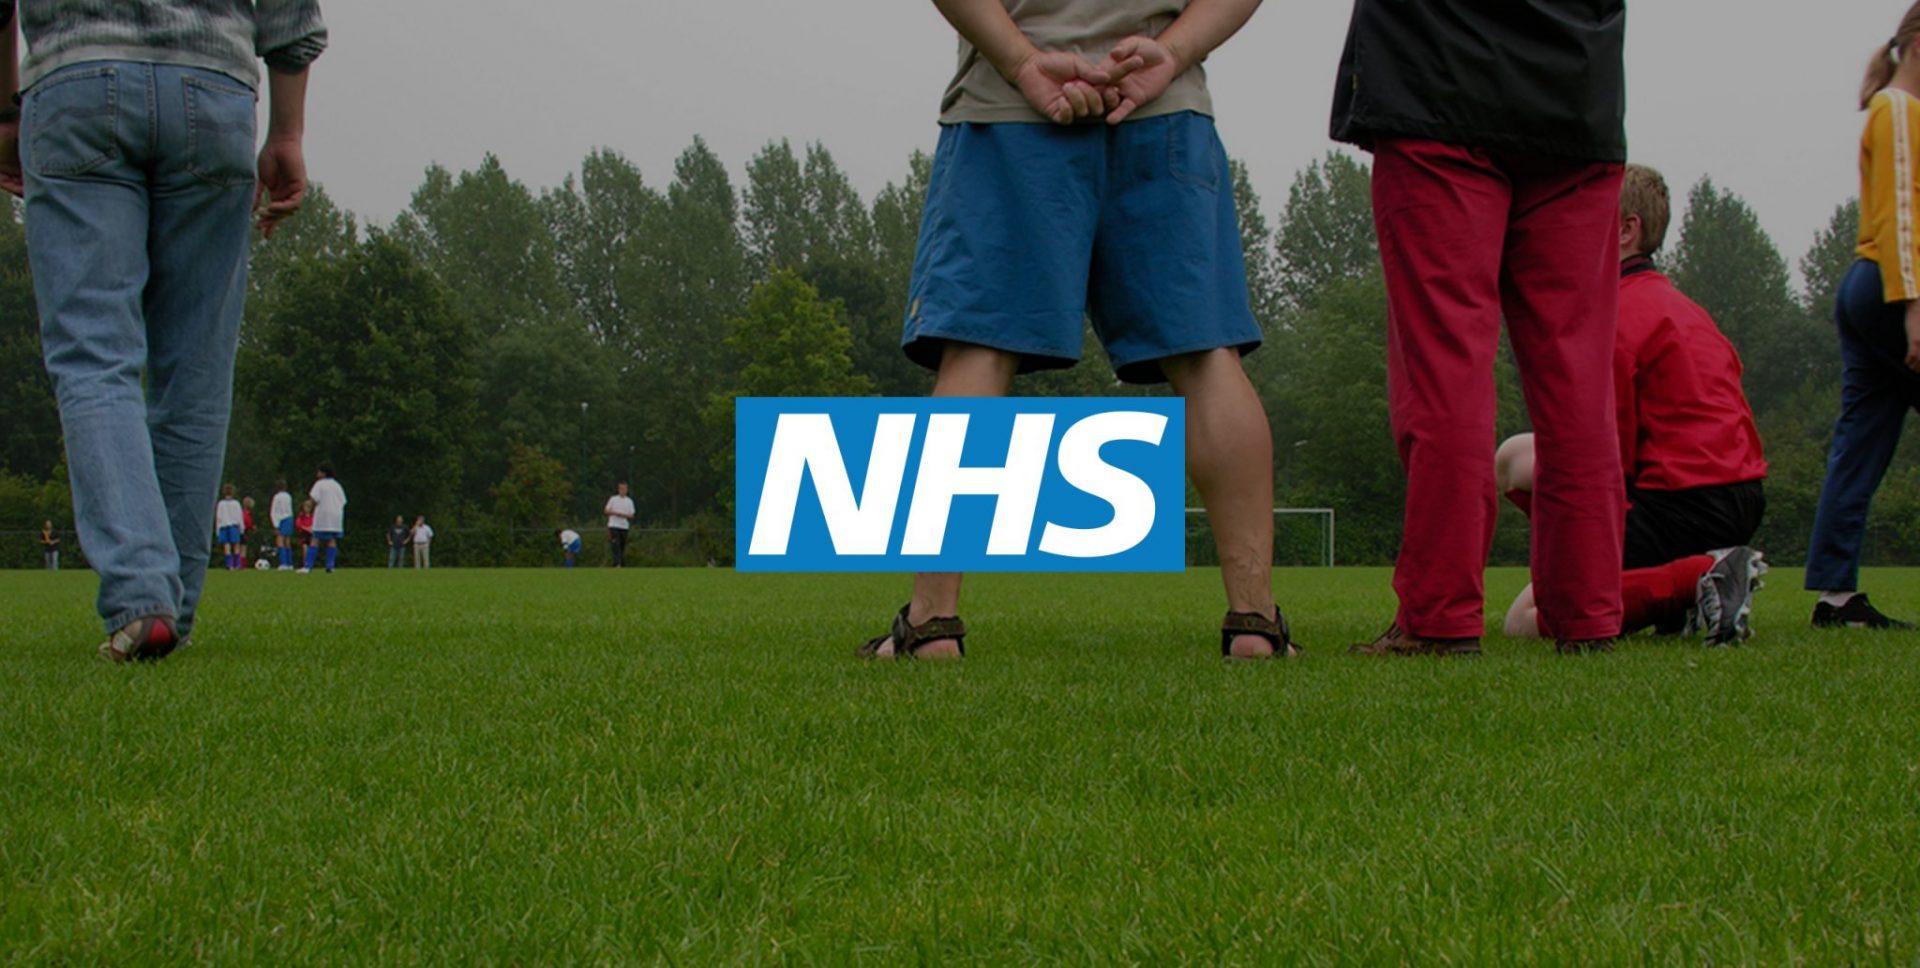 NHS-Header